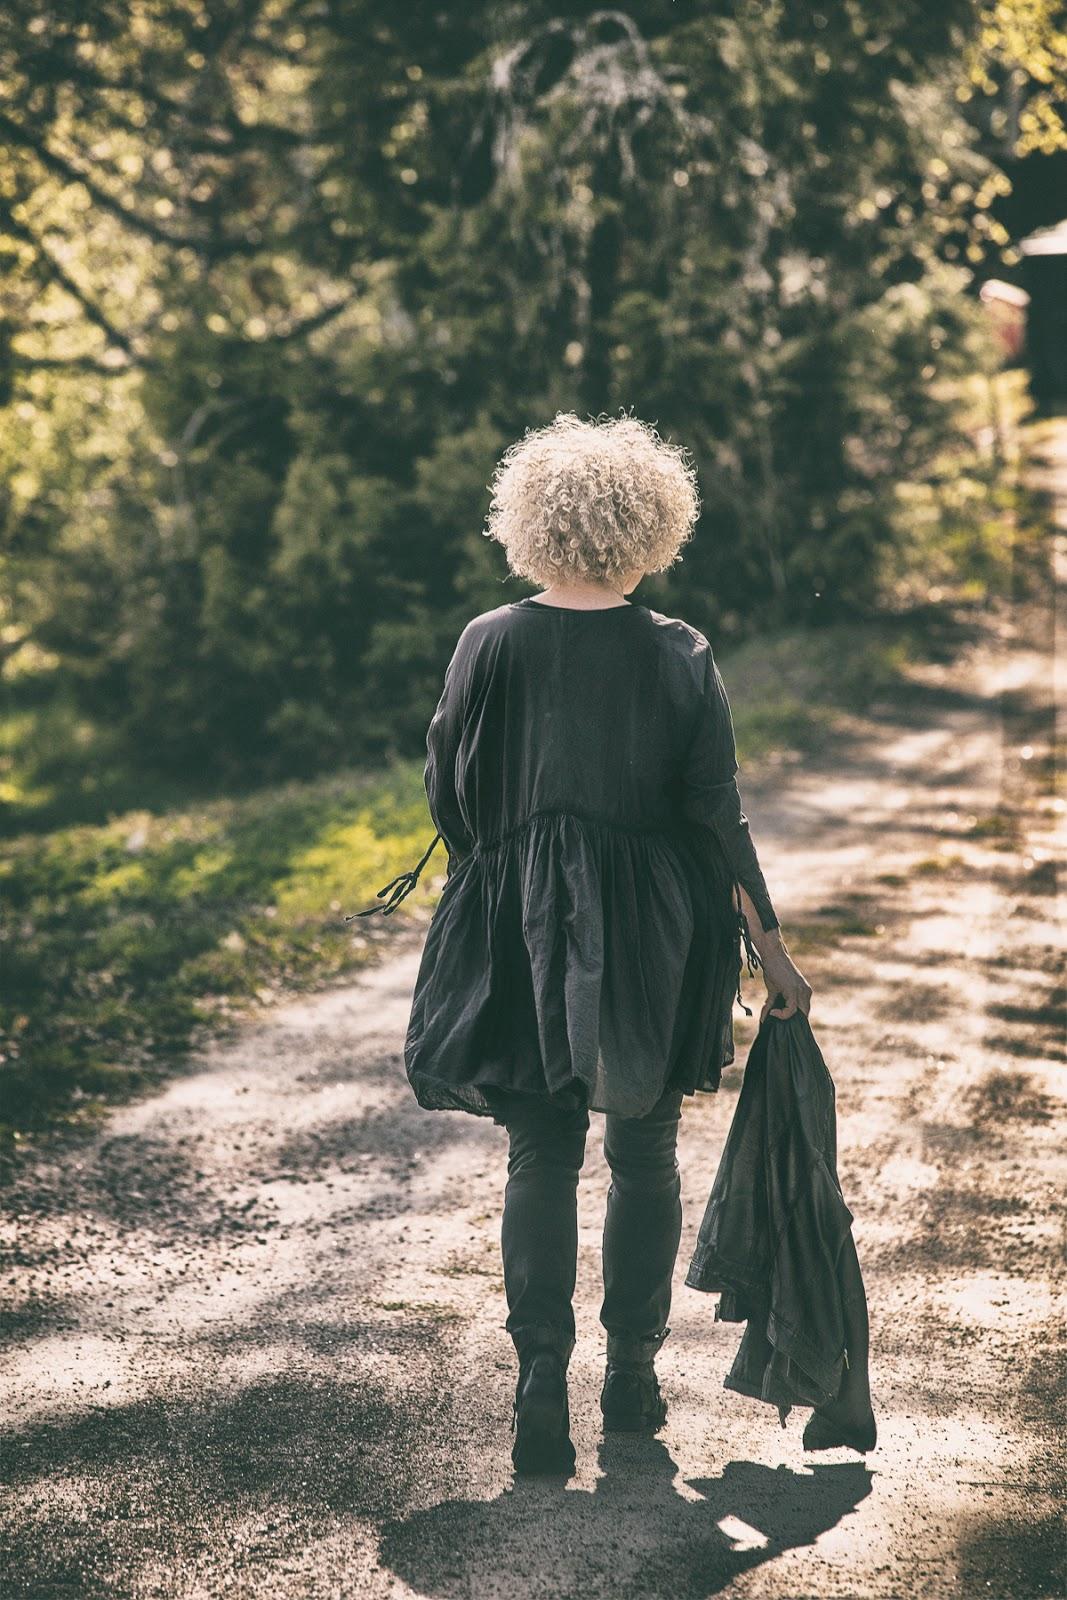 Ewa i Walla, muoti, pukeutuminen, naisten muoti, vaatetus, vaatteet, päivän asu, Visualaddict, valokuvaaja, Frida Steiner, kesä, summer, visualaddictfrida, wynnelis agentur